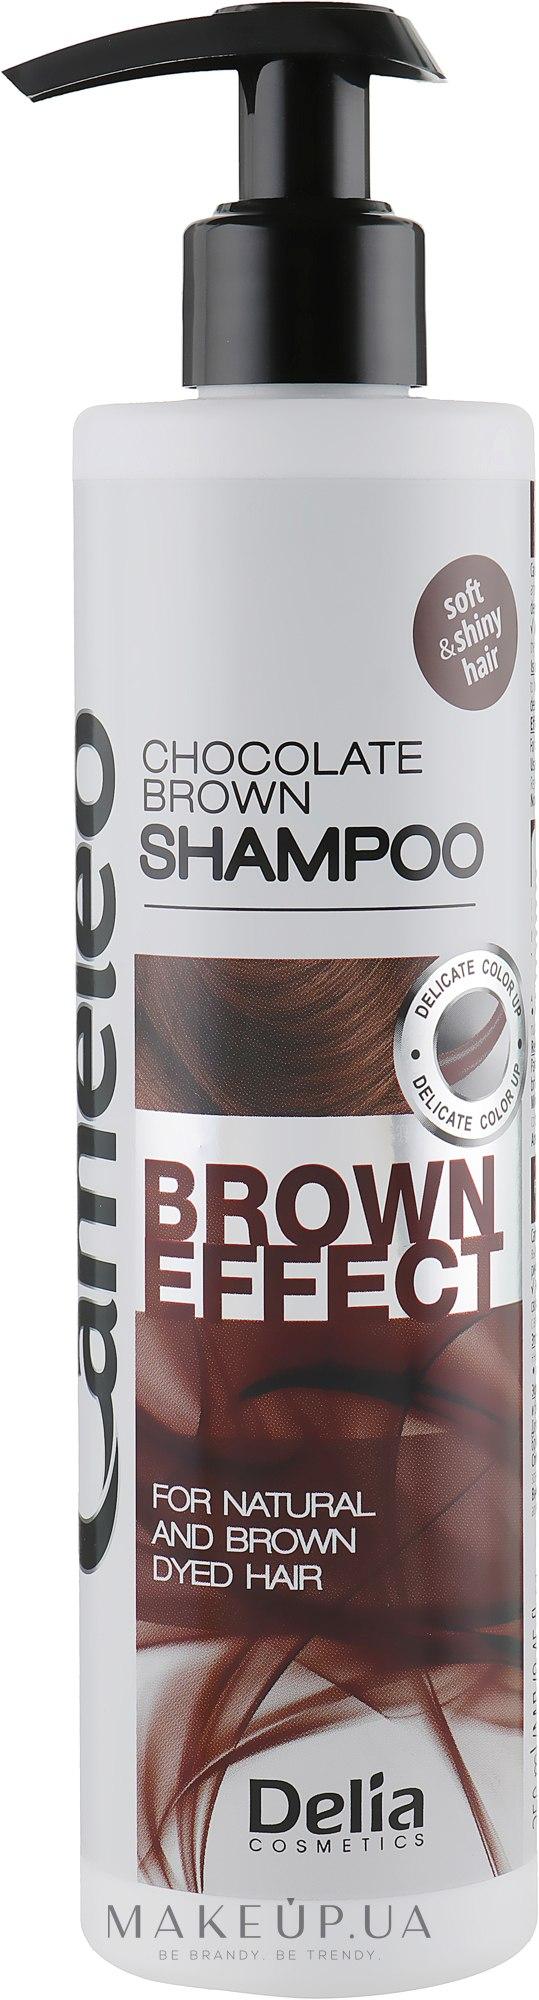 Шампунь с эффектом углубления цвета для коричневых волос - Delia Cameleo Brown Effect Shampoo — фото 250ml